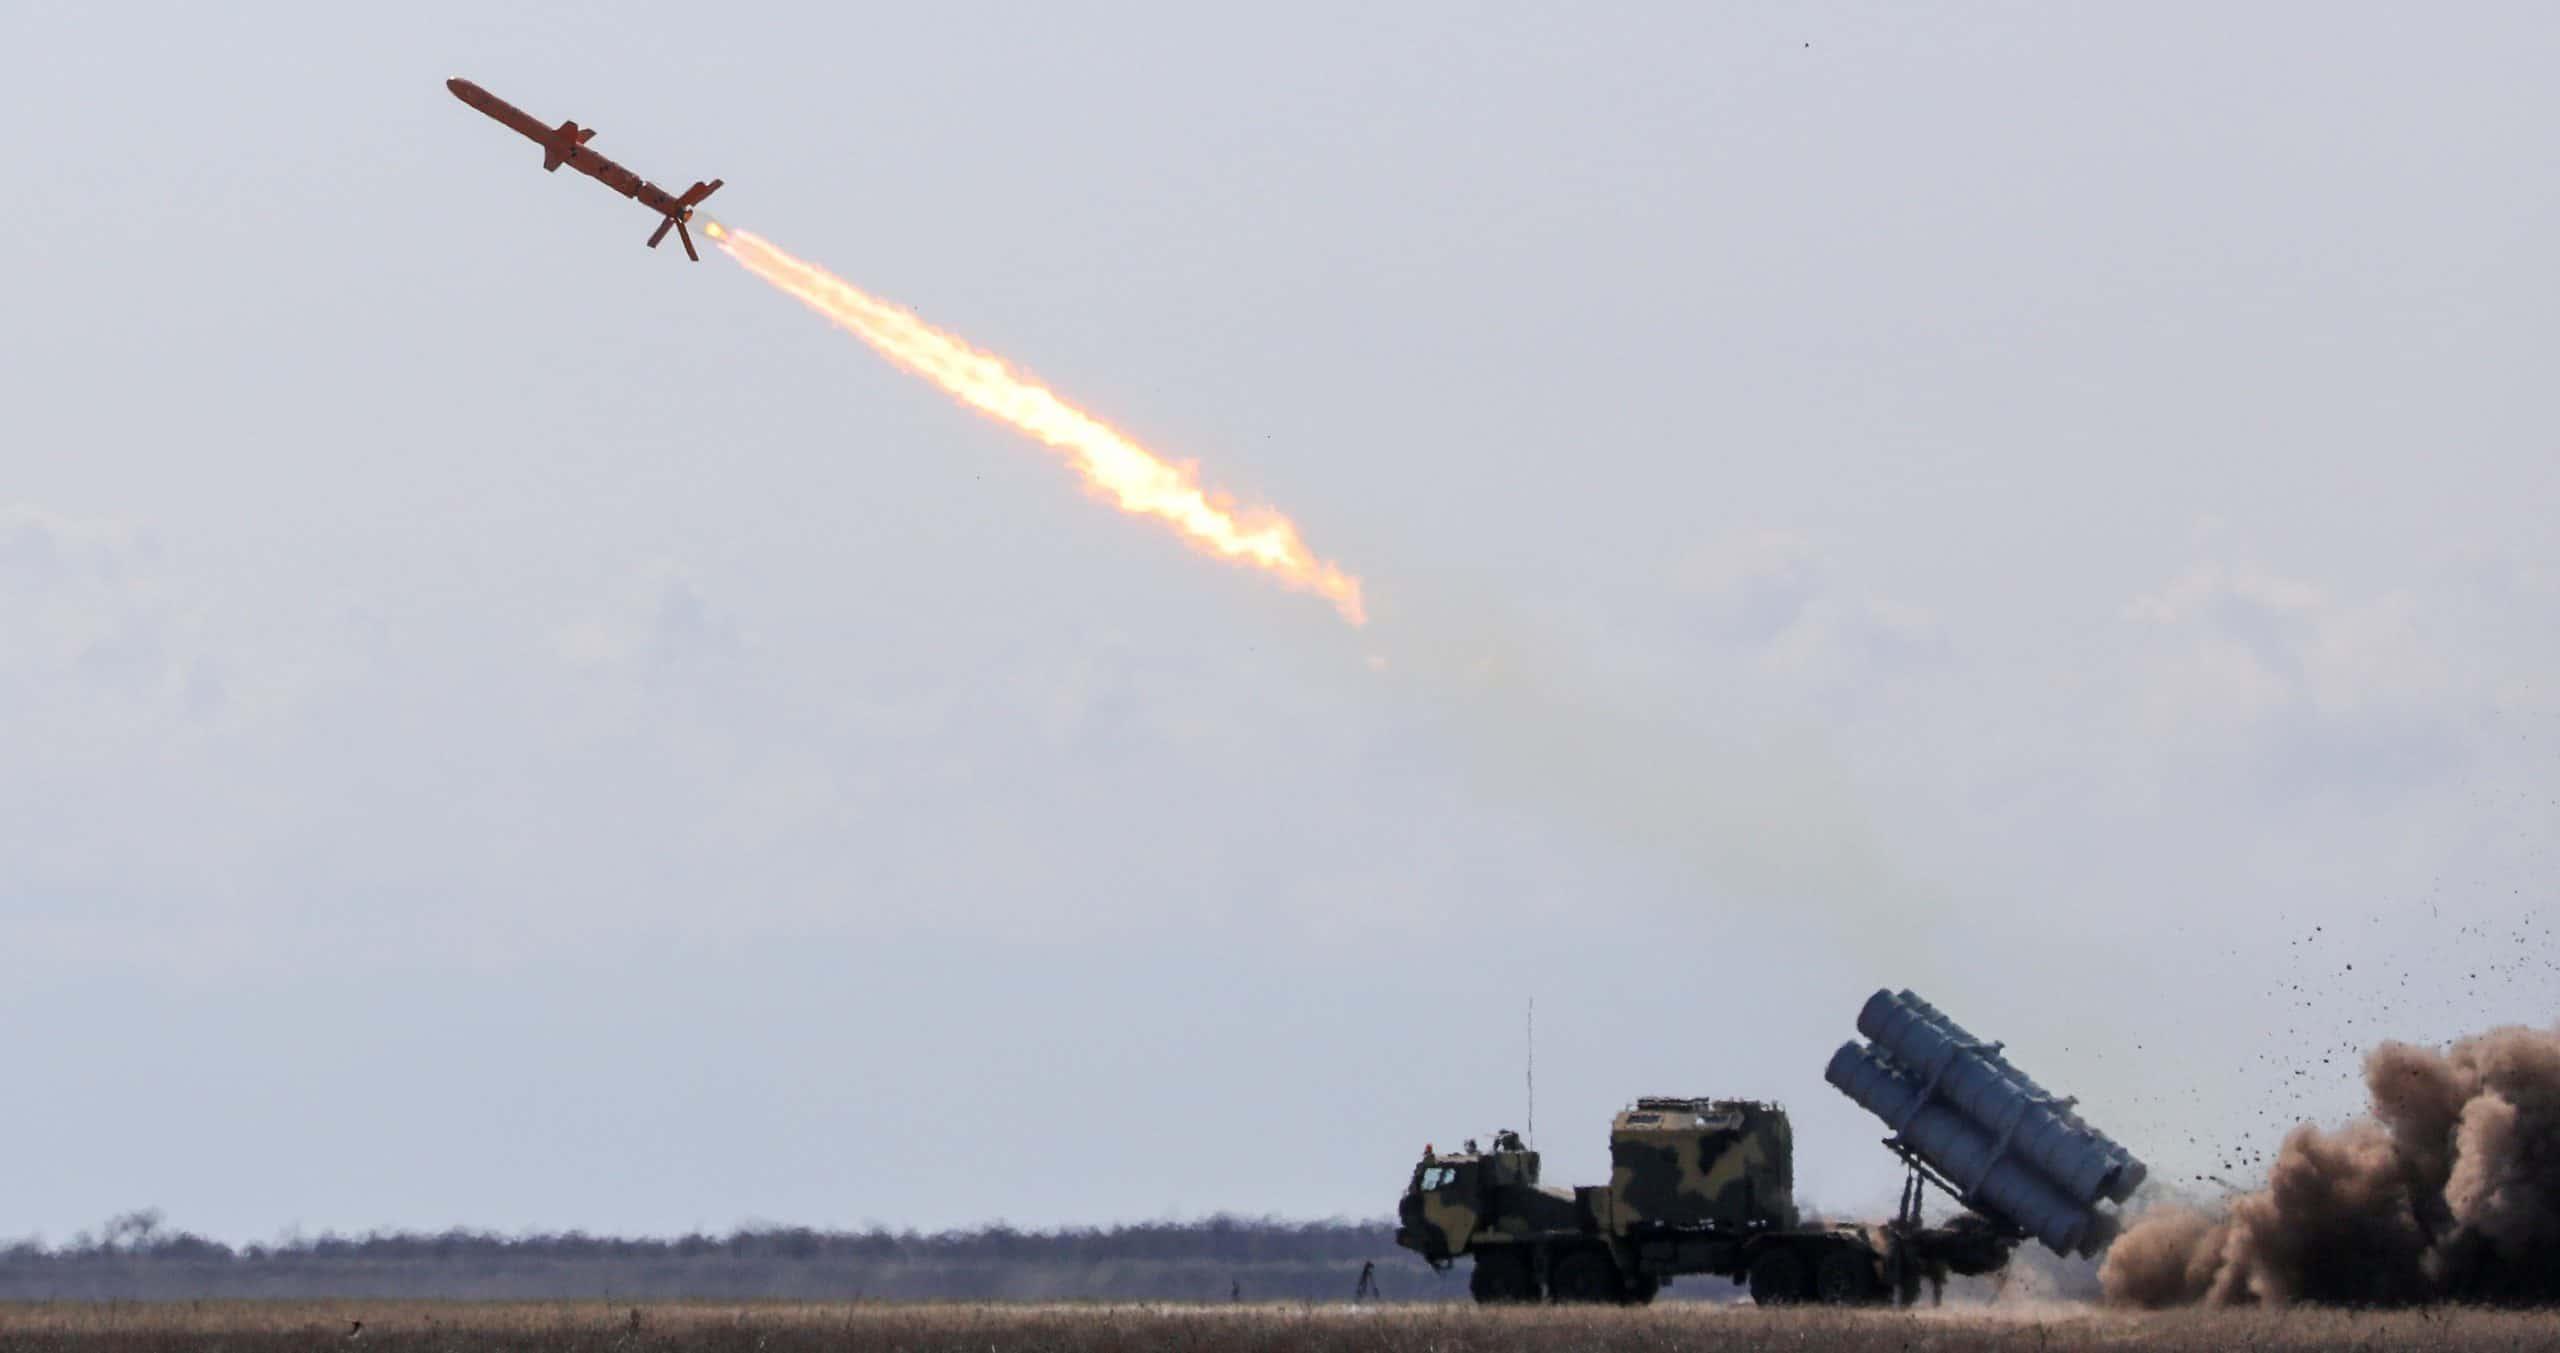 Міноборони планує закупити 3 тис. ракетних комплексів і ракет до них